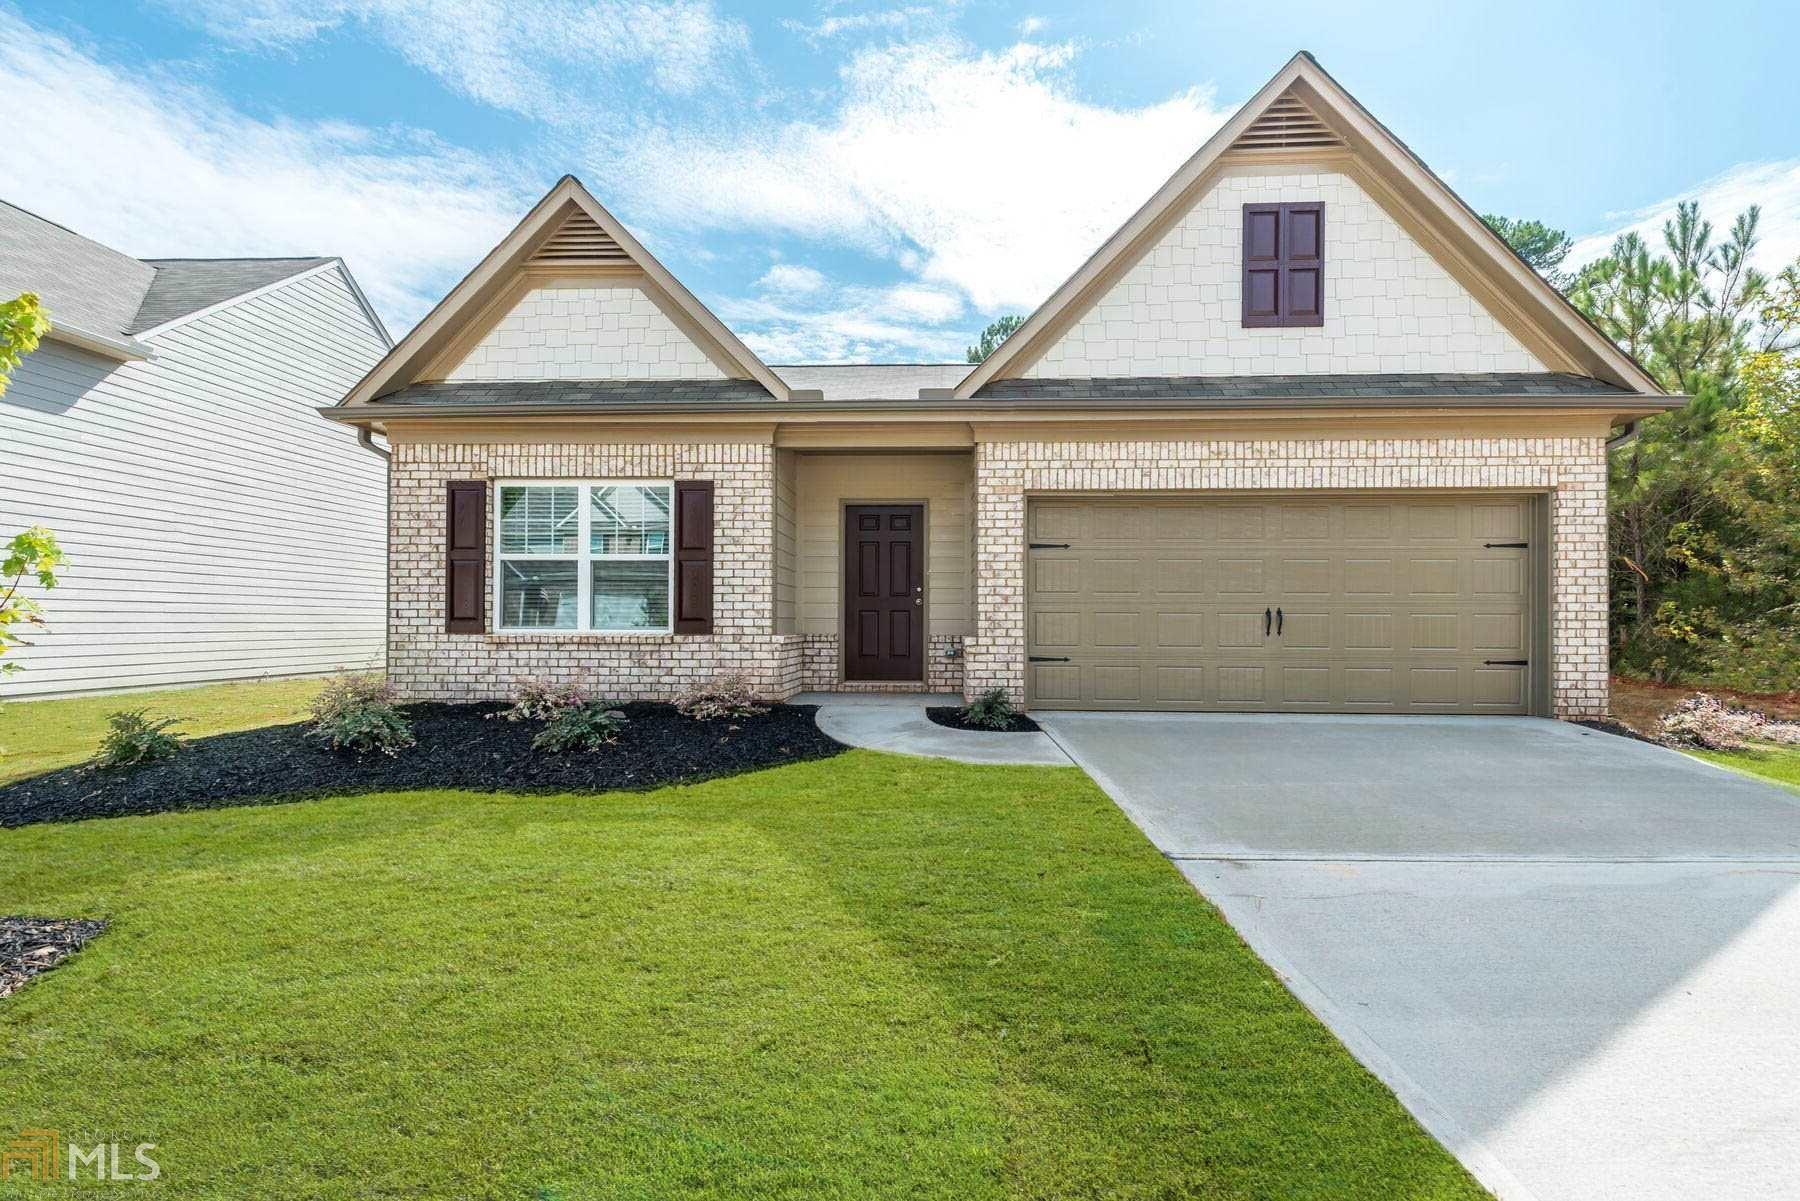 130 Innis Brook Cir, Cartersville, GA 30120 - MLS#: 8885236